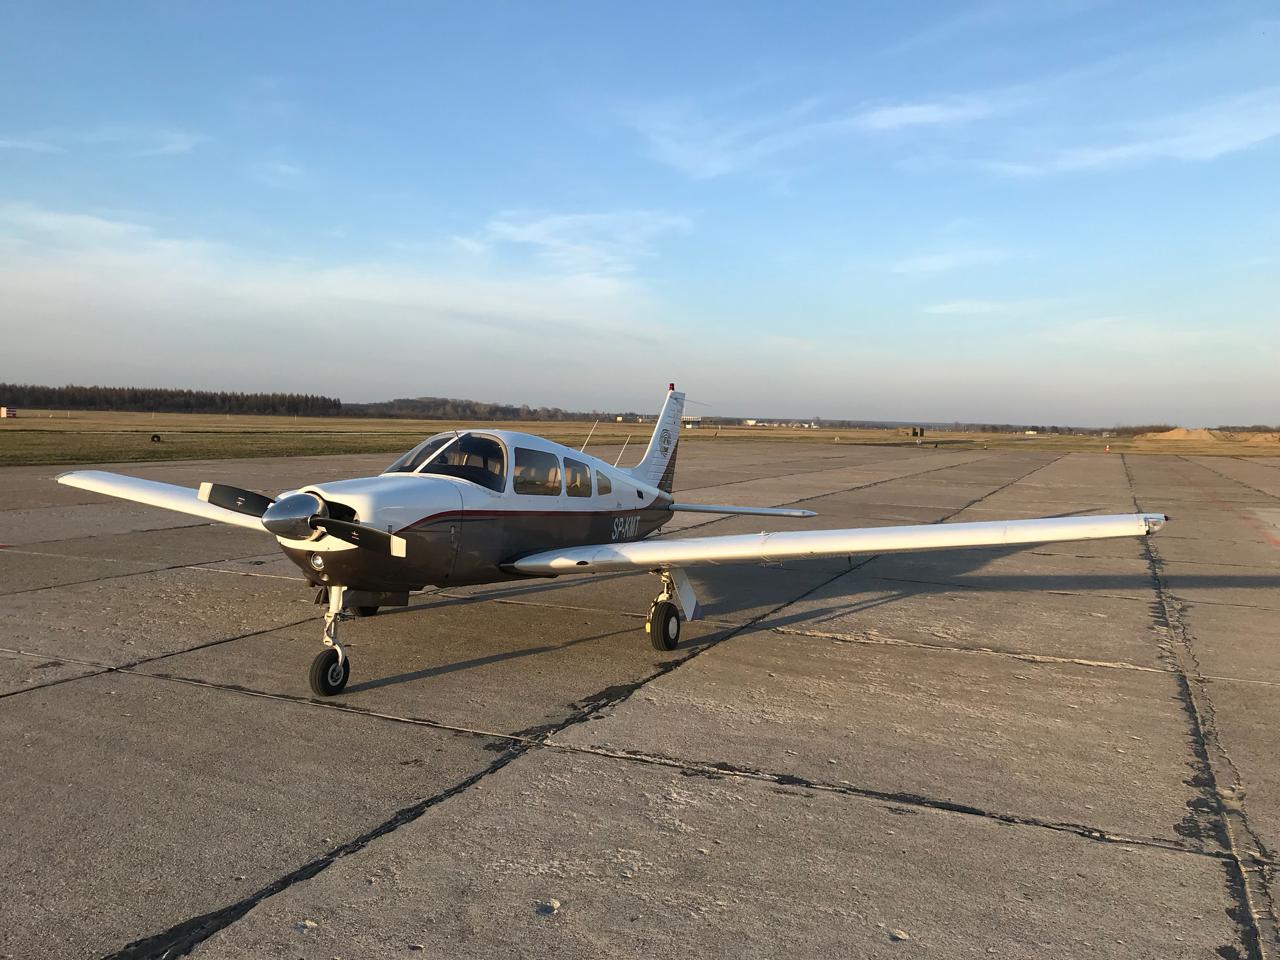 Egzamin do wykonywania lotów według przyrządów - IR(A)